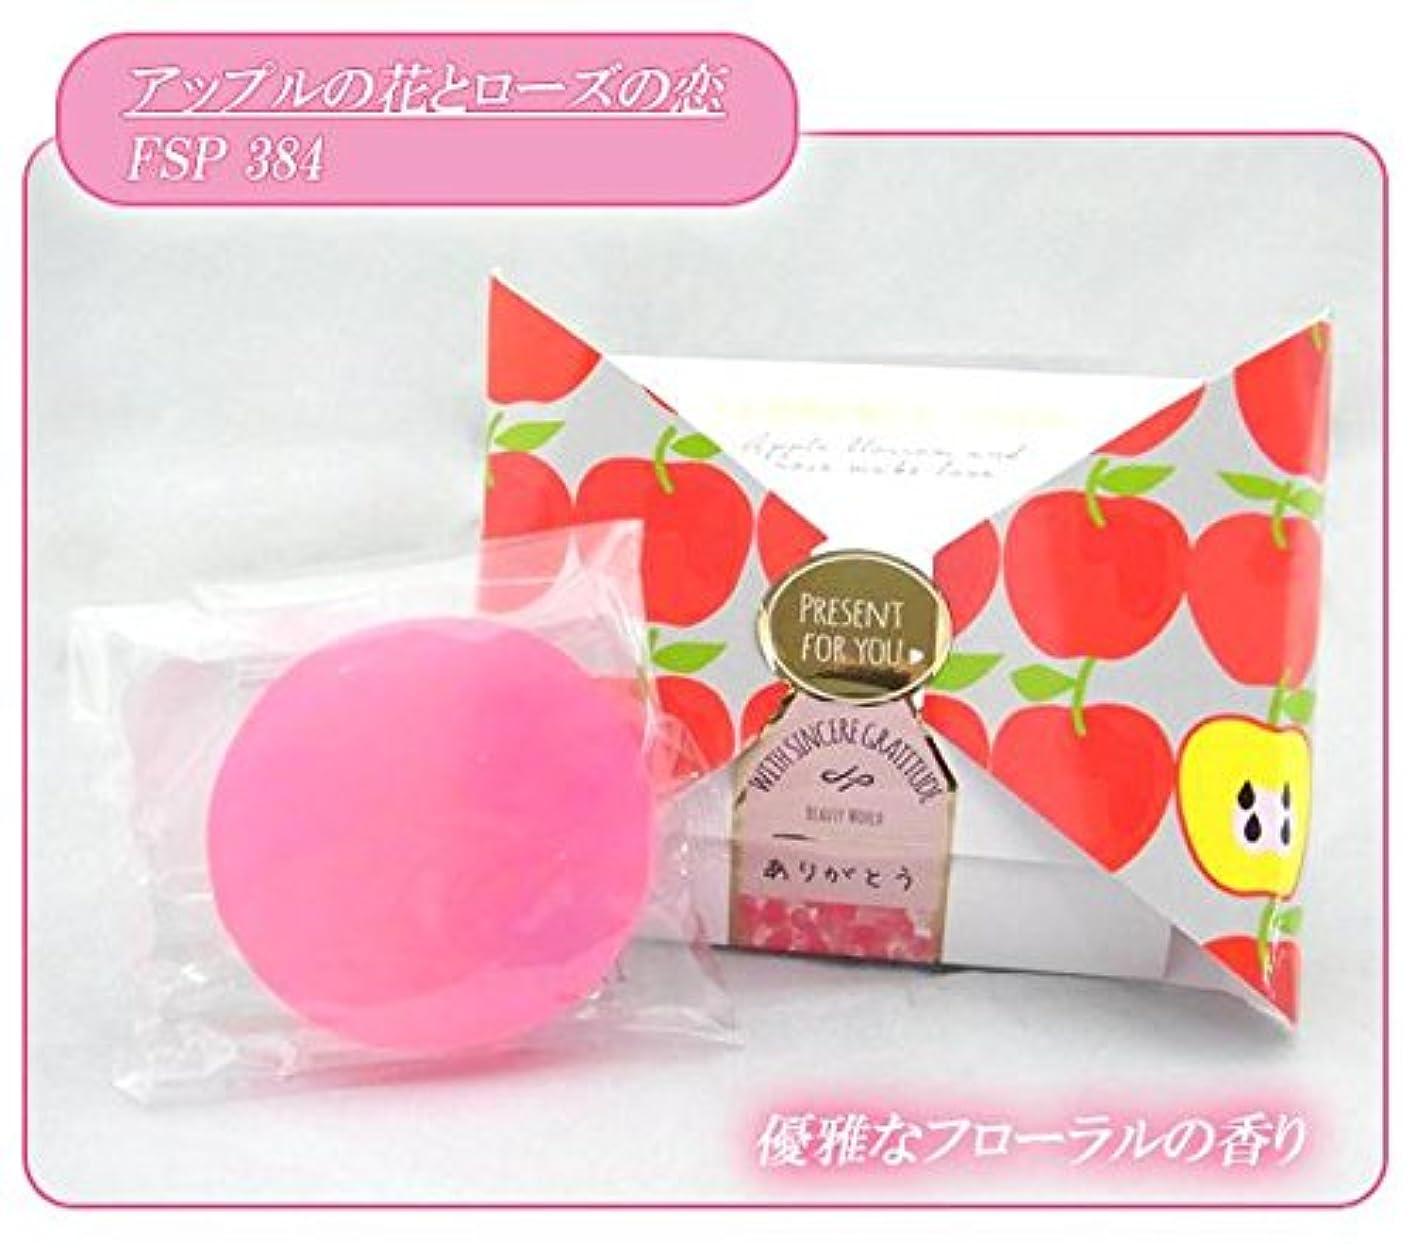 モンキー全くわずらわしいビューティーワールド BWフローレンスの香り石けん リボンパッケージ 6個セット アップルの花とローズの恋